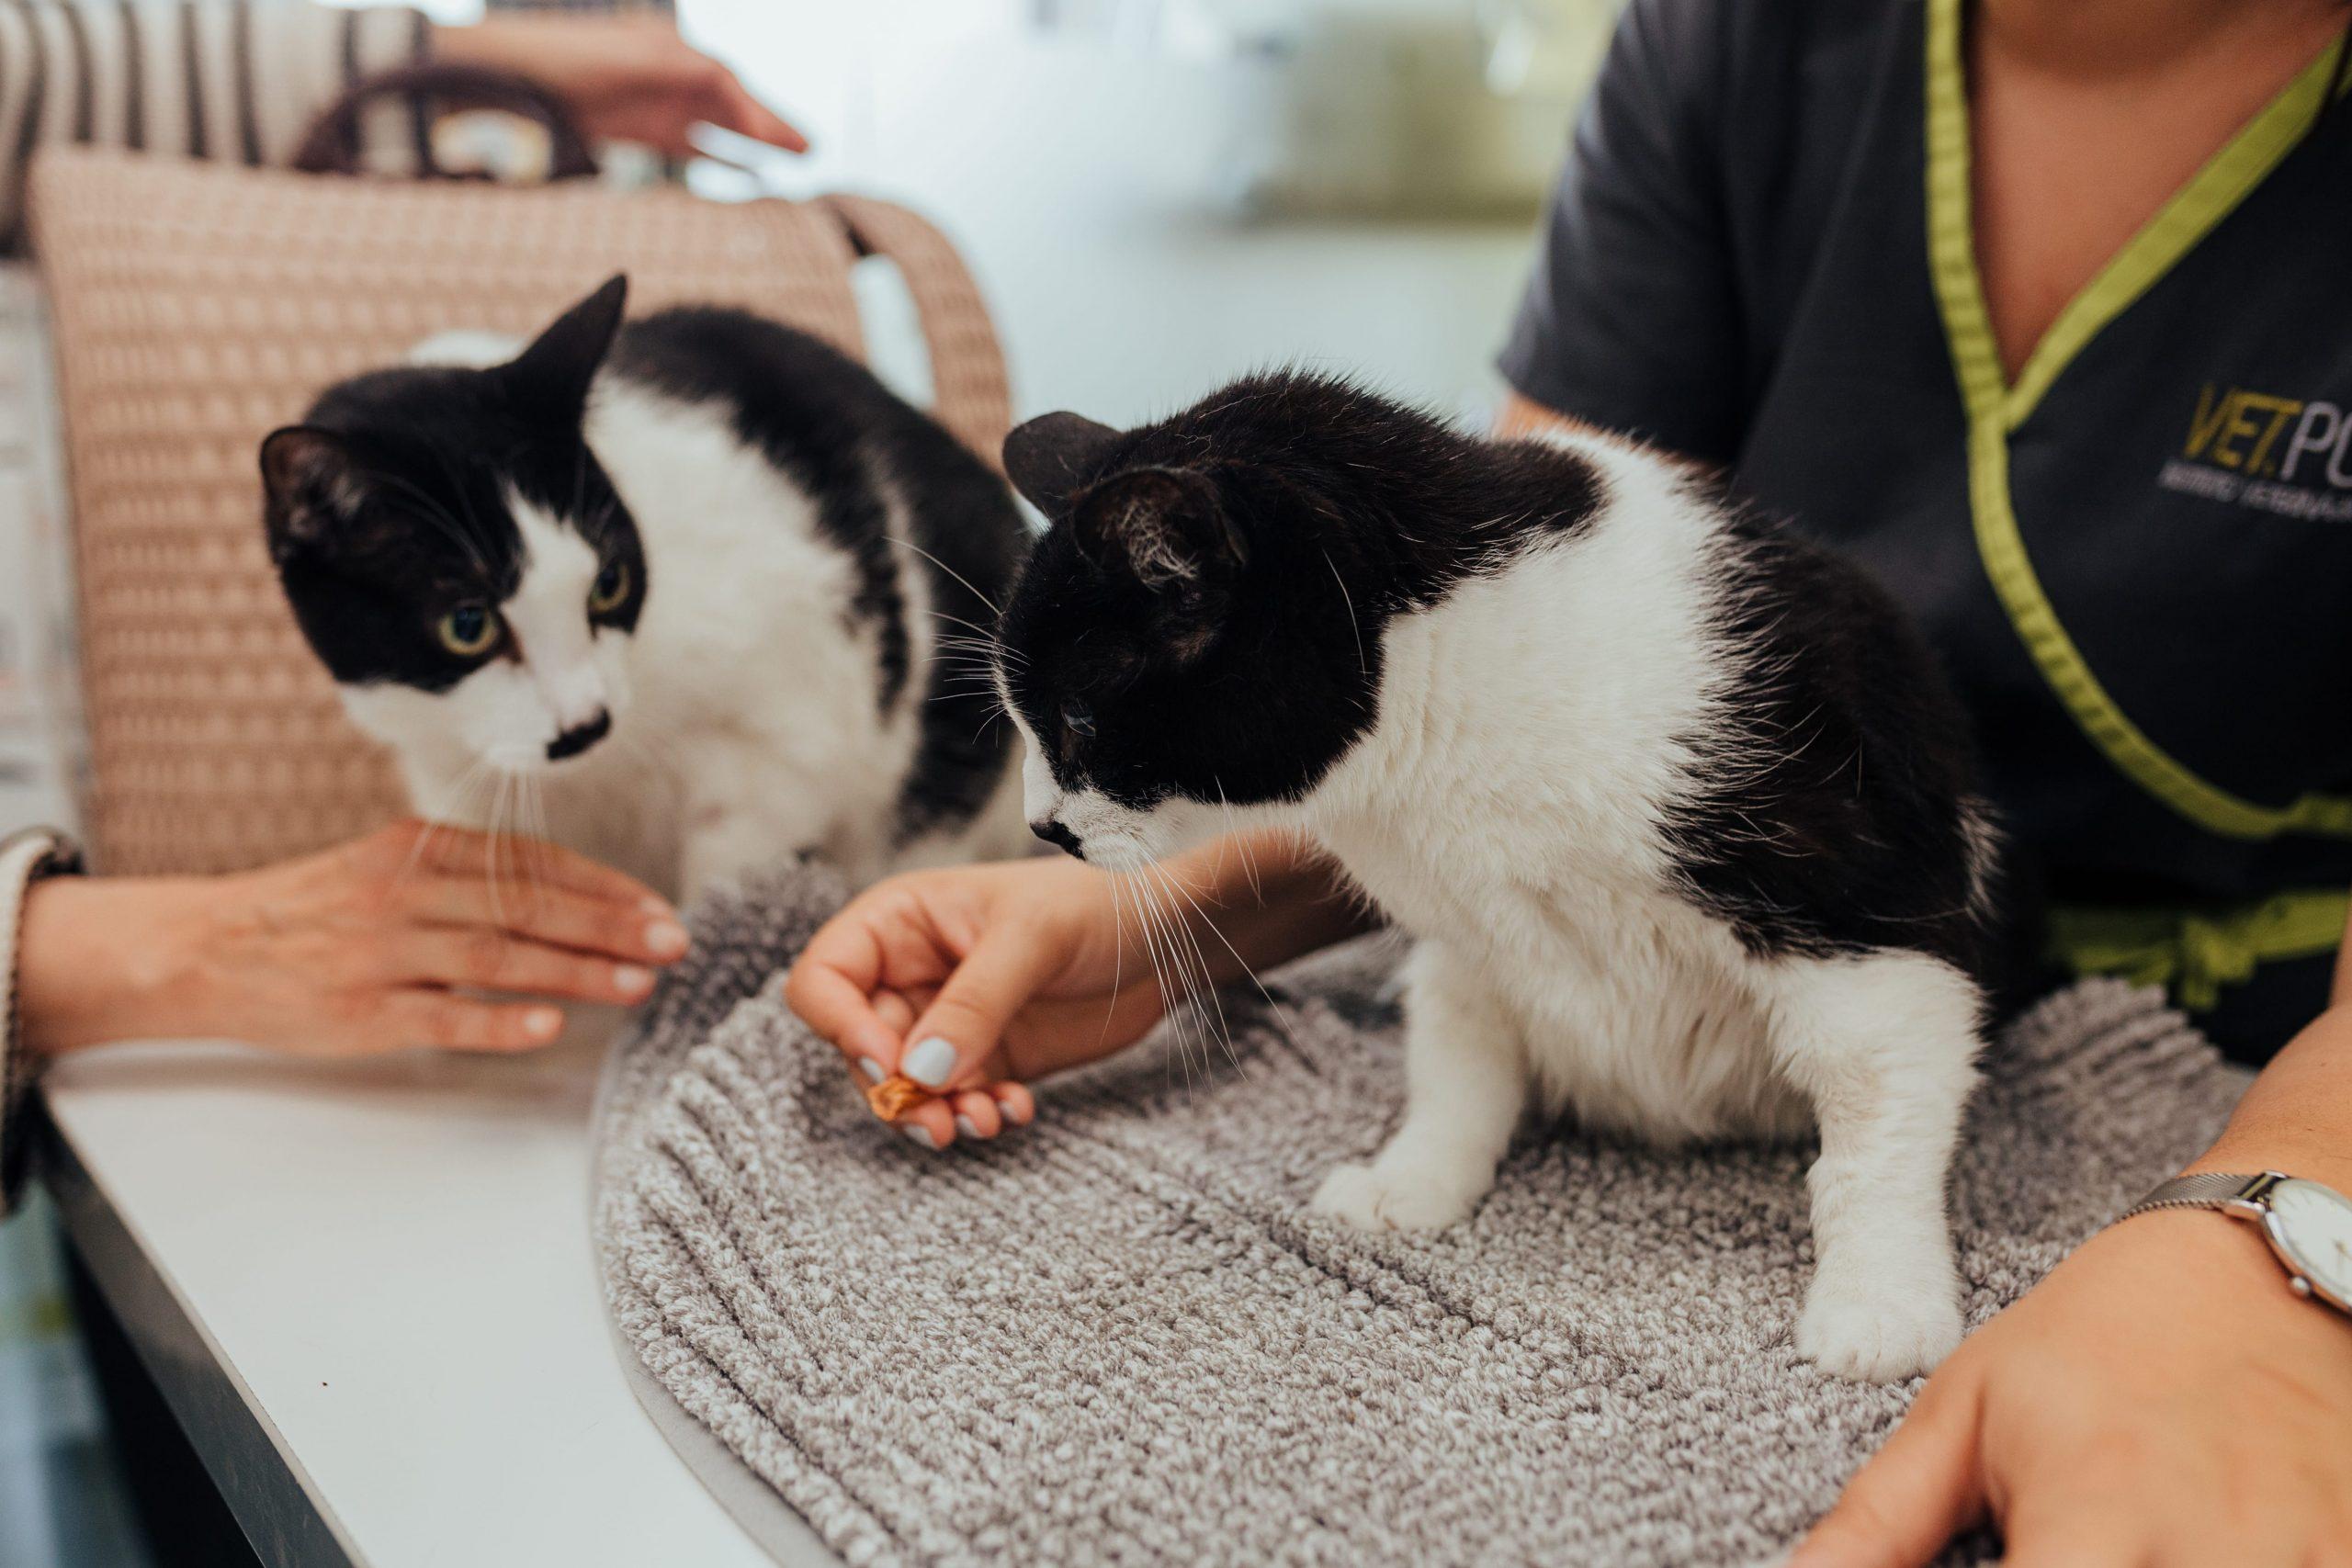 consulta de Desparasitação na clinica veterinaria vetpoint